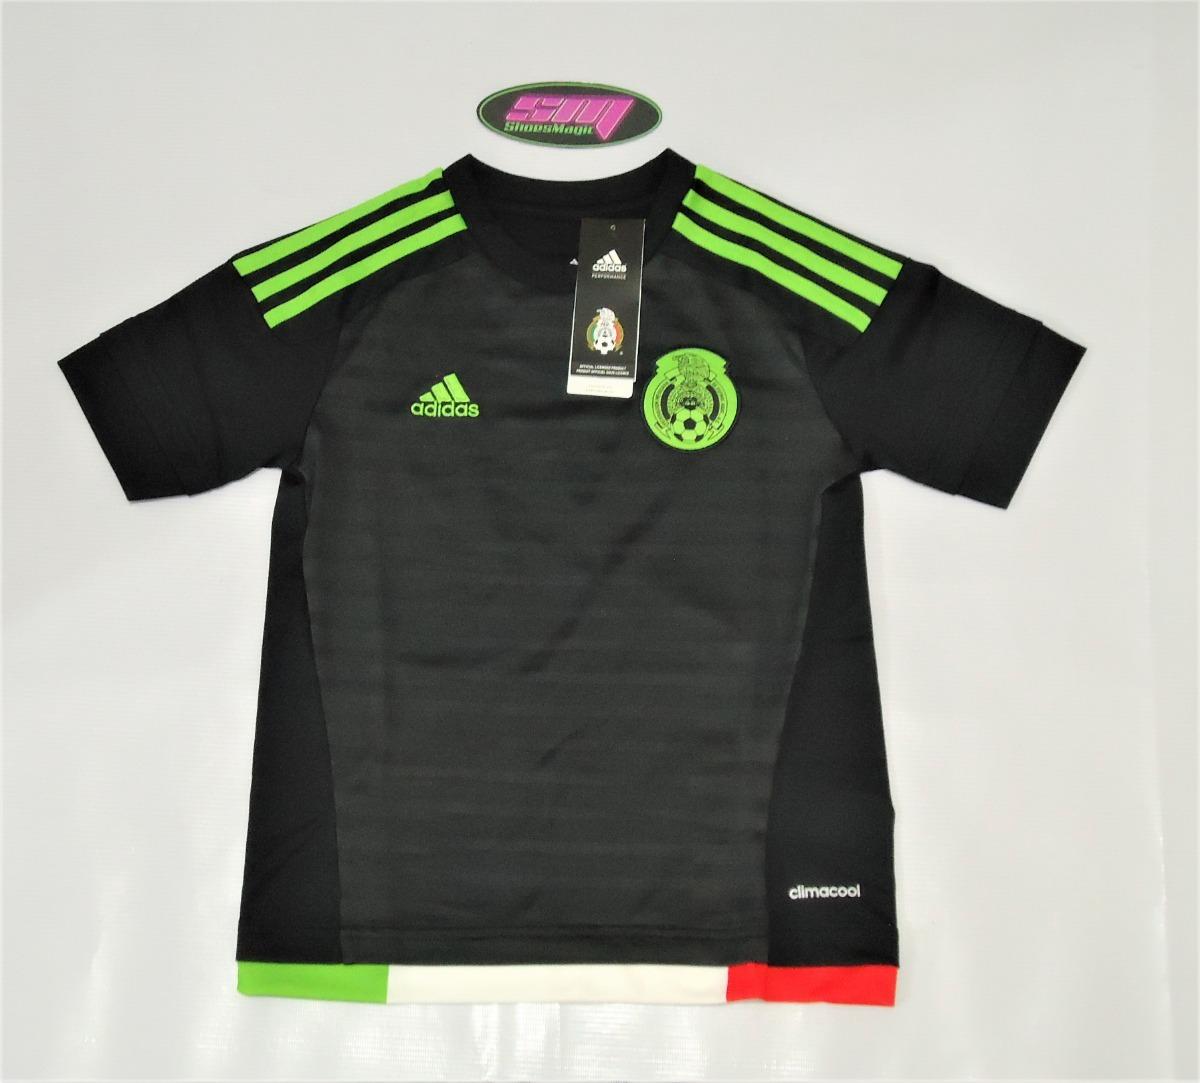 839e168f9d624 Playera adidas De Mexico Para Niño -   399.00 en Mercado Libre